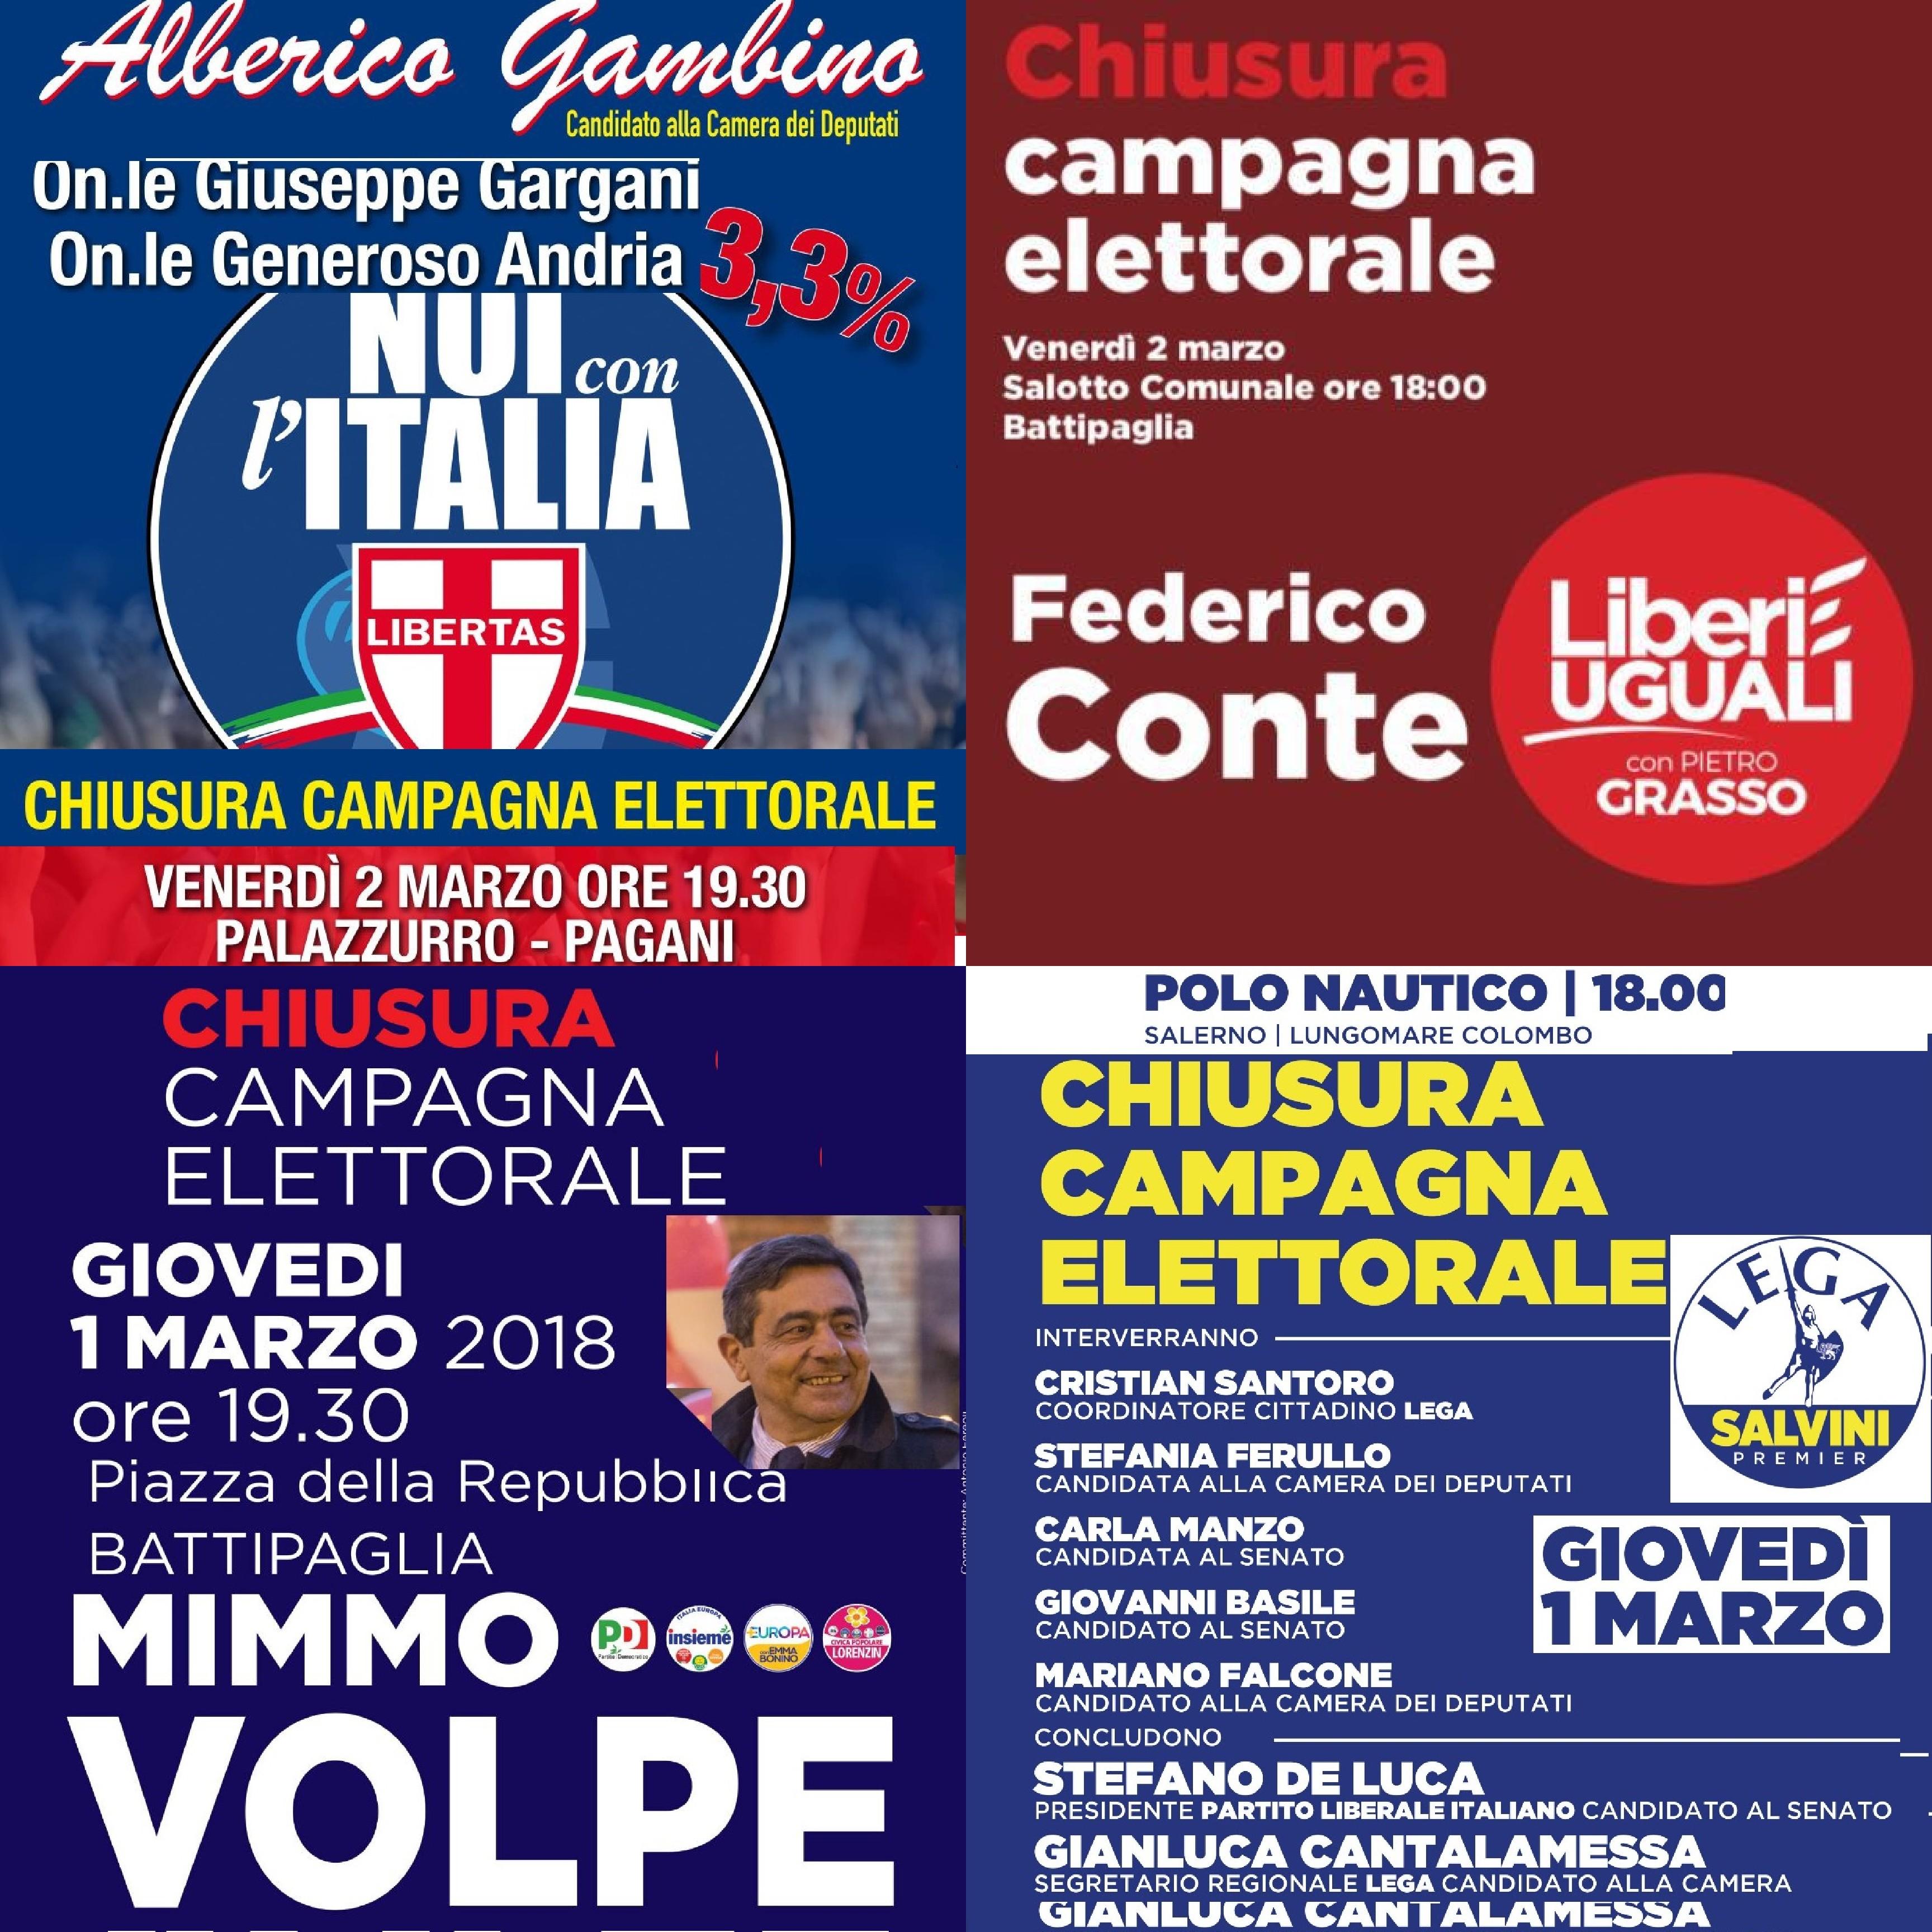 Chiusura campagna elettorale-Gambino-Conte-Volpe-Lega